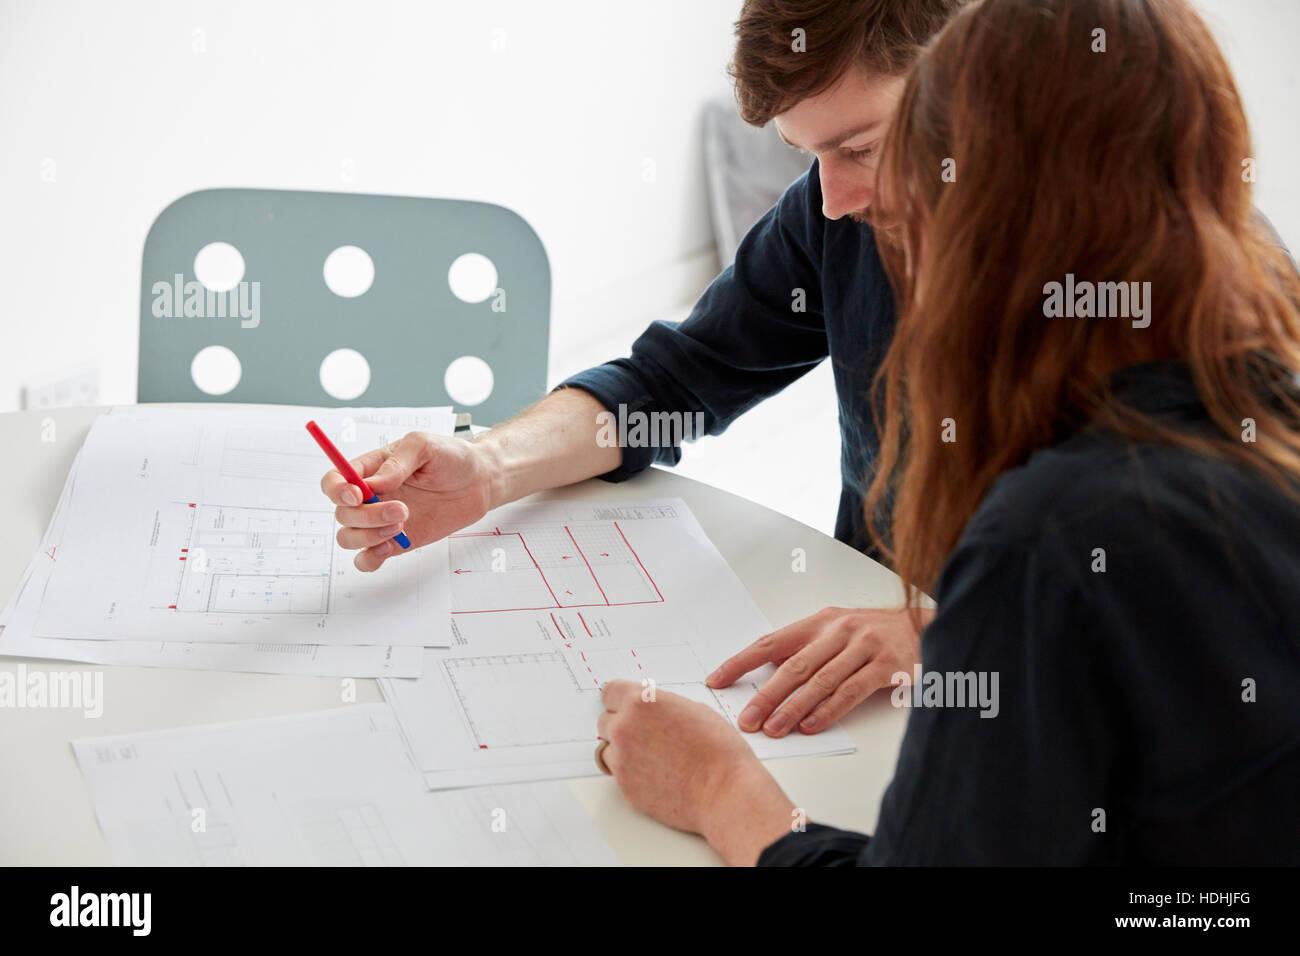 Ein modernes Büro. Zwei Menschen bei einem Treffen, diskutieren, Pläne und Zeichnungen, Architekturzeichnungen. Stockbild